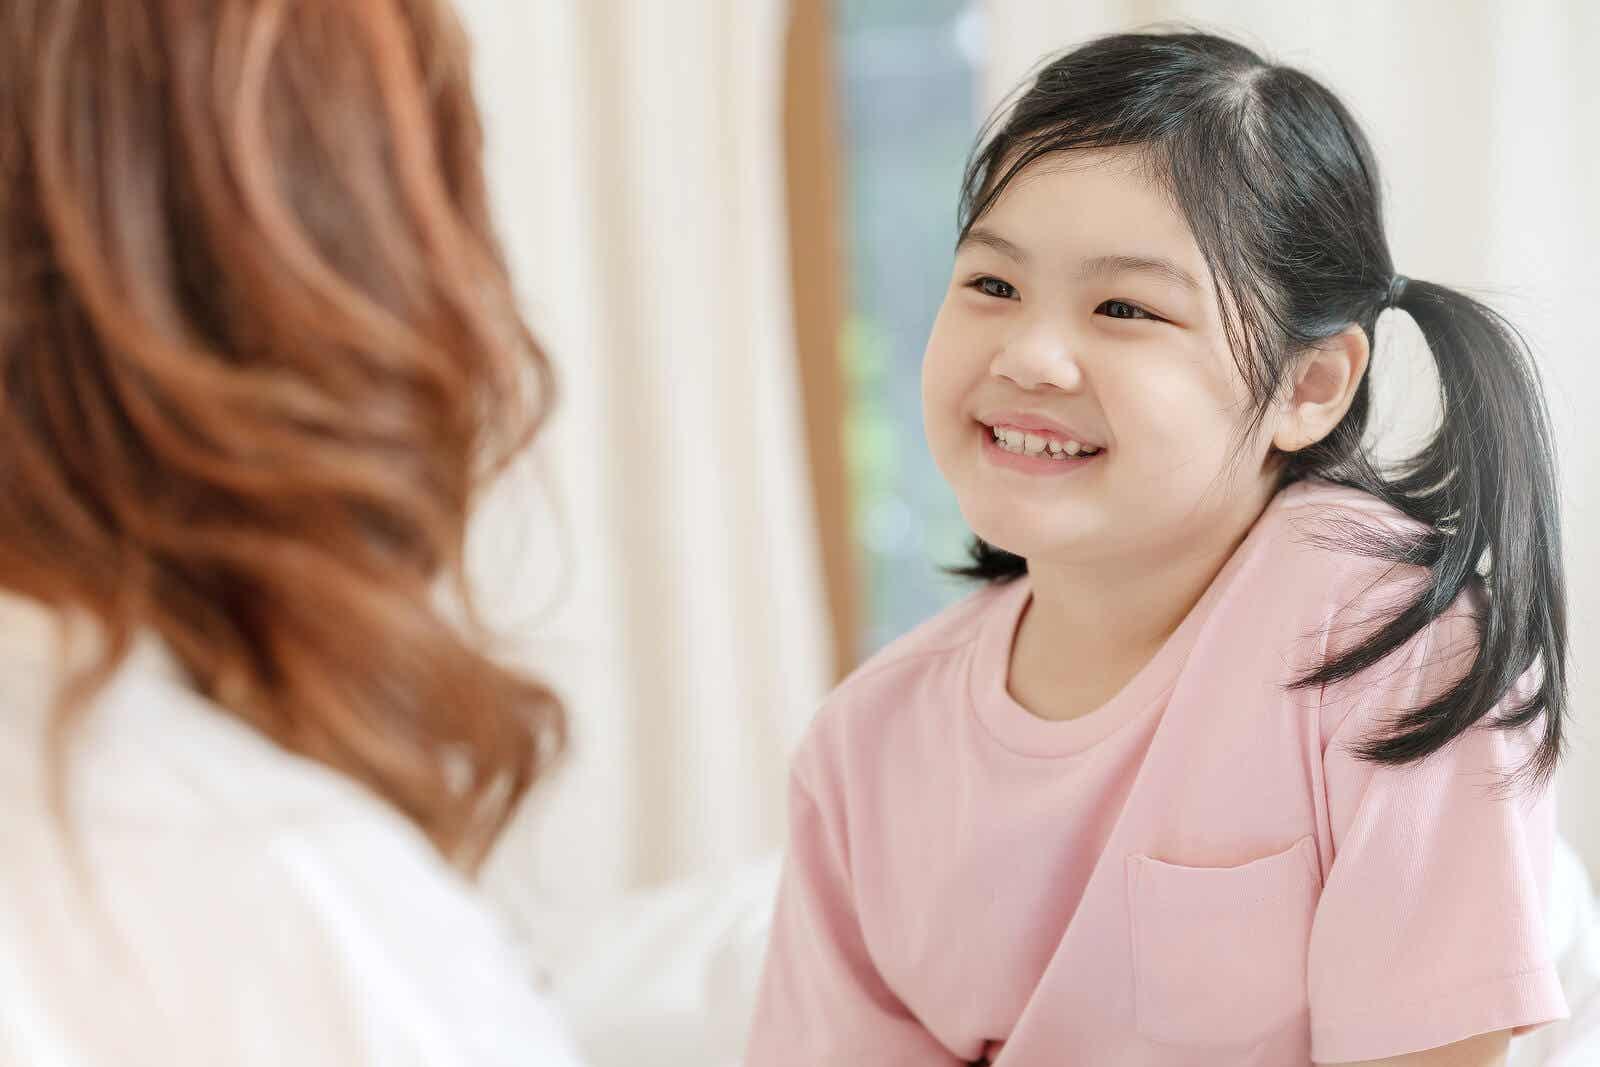 En ung pige med et stolt smil på læben